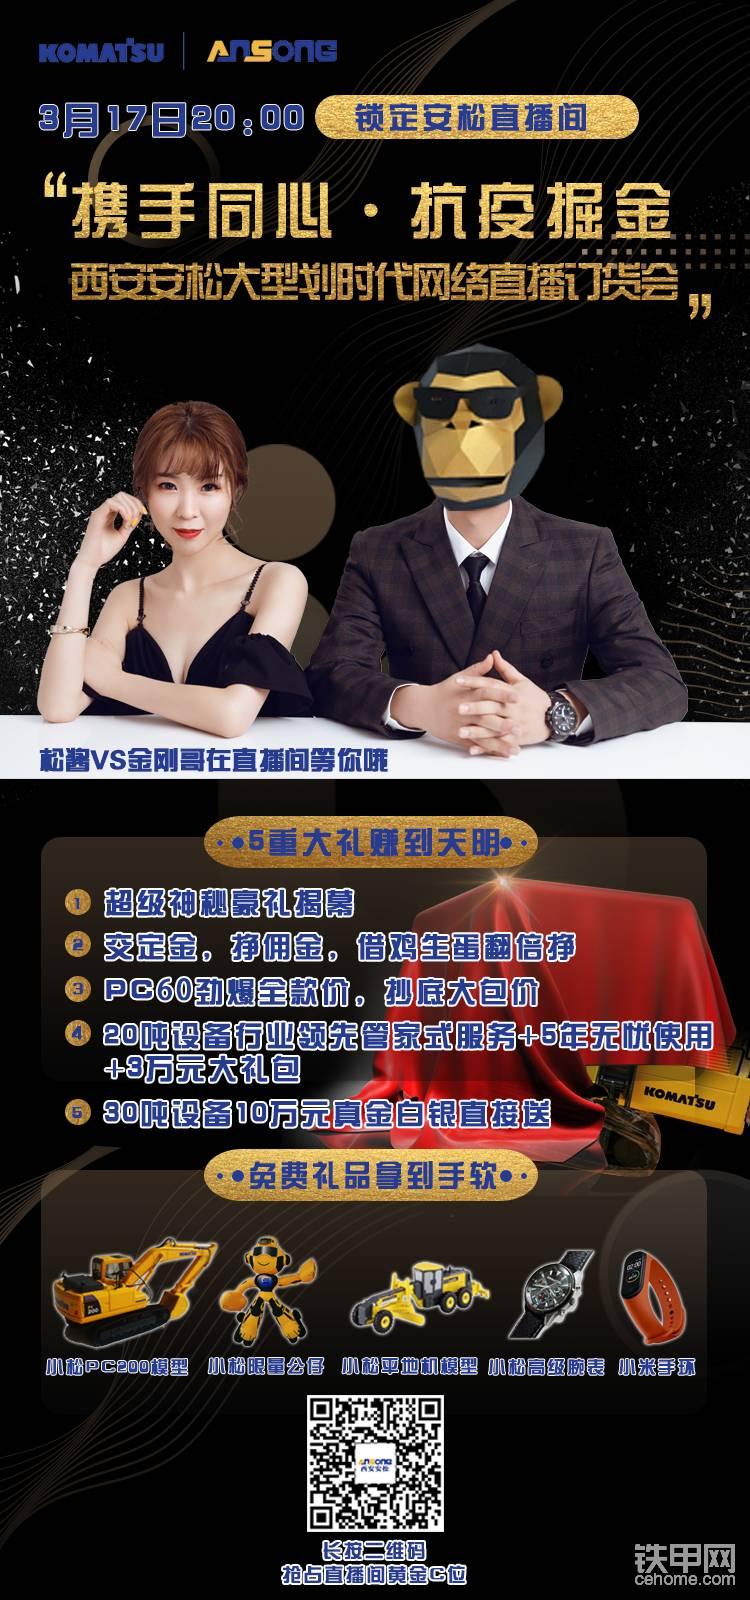 美女直播:锁定安松直播间,小松PC200模型免费领-帖子图片